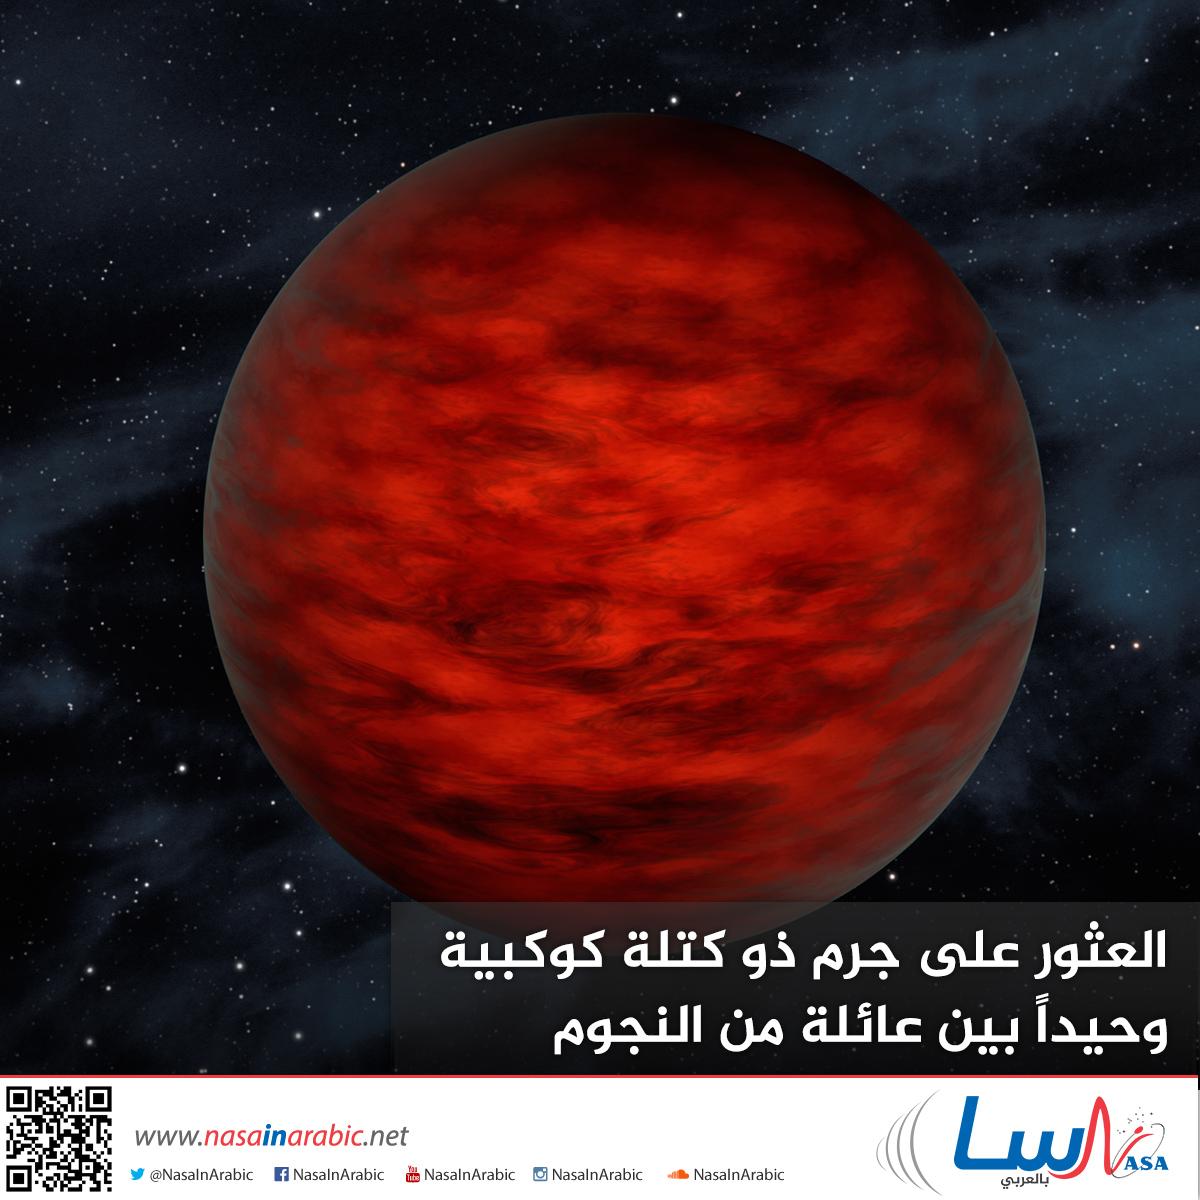 العثور على جرم ذو كتلة كوكبية وحيداً بين عائلة من النجوم